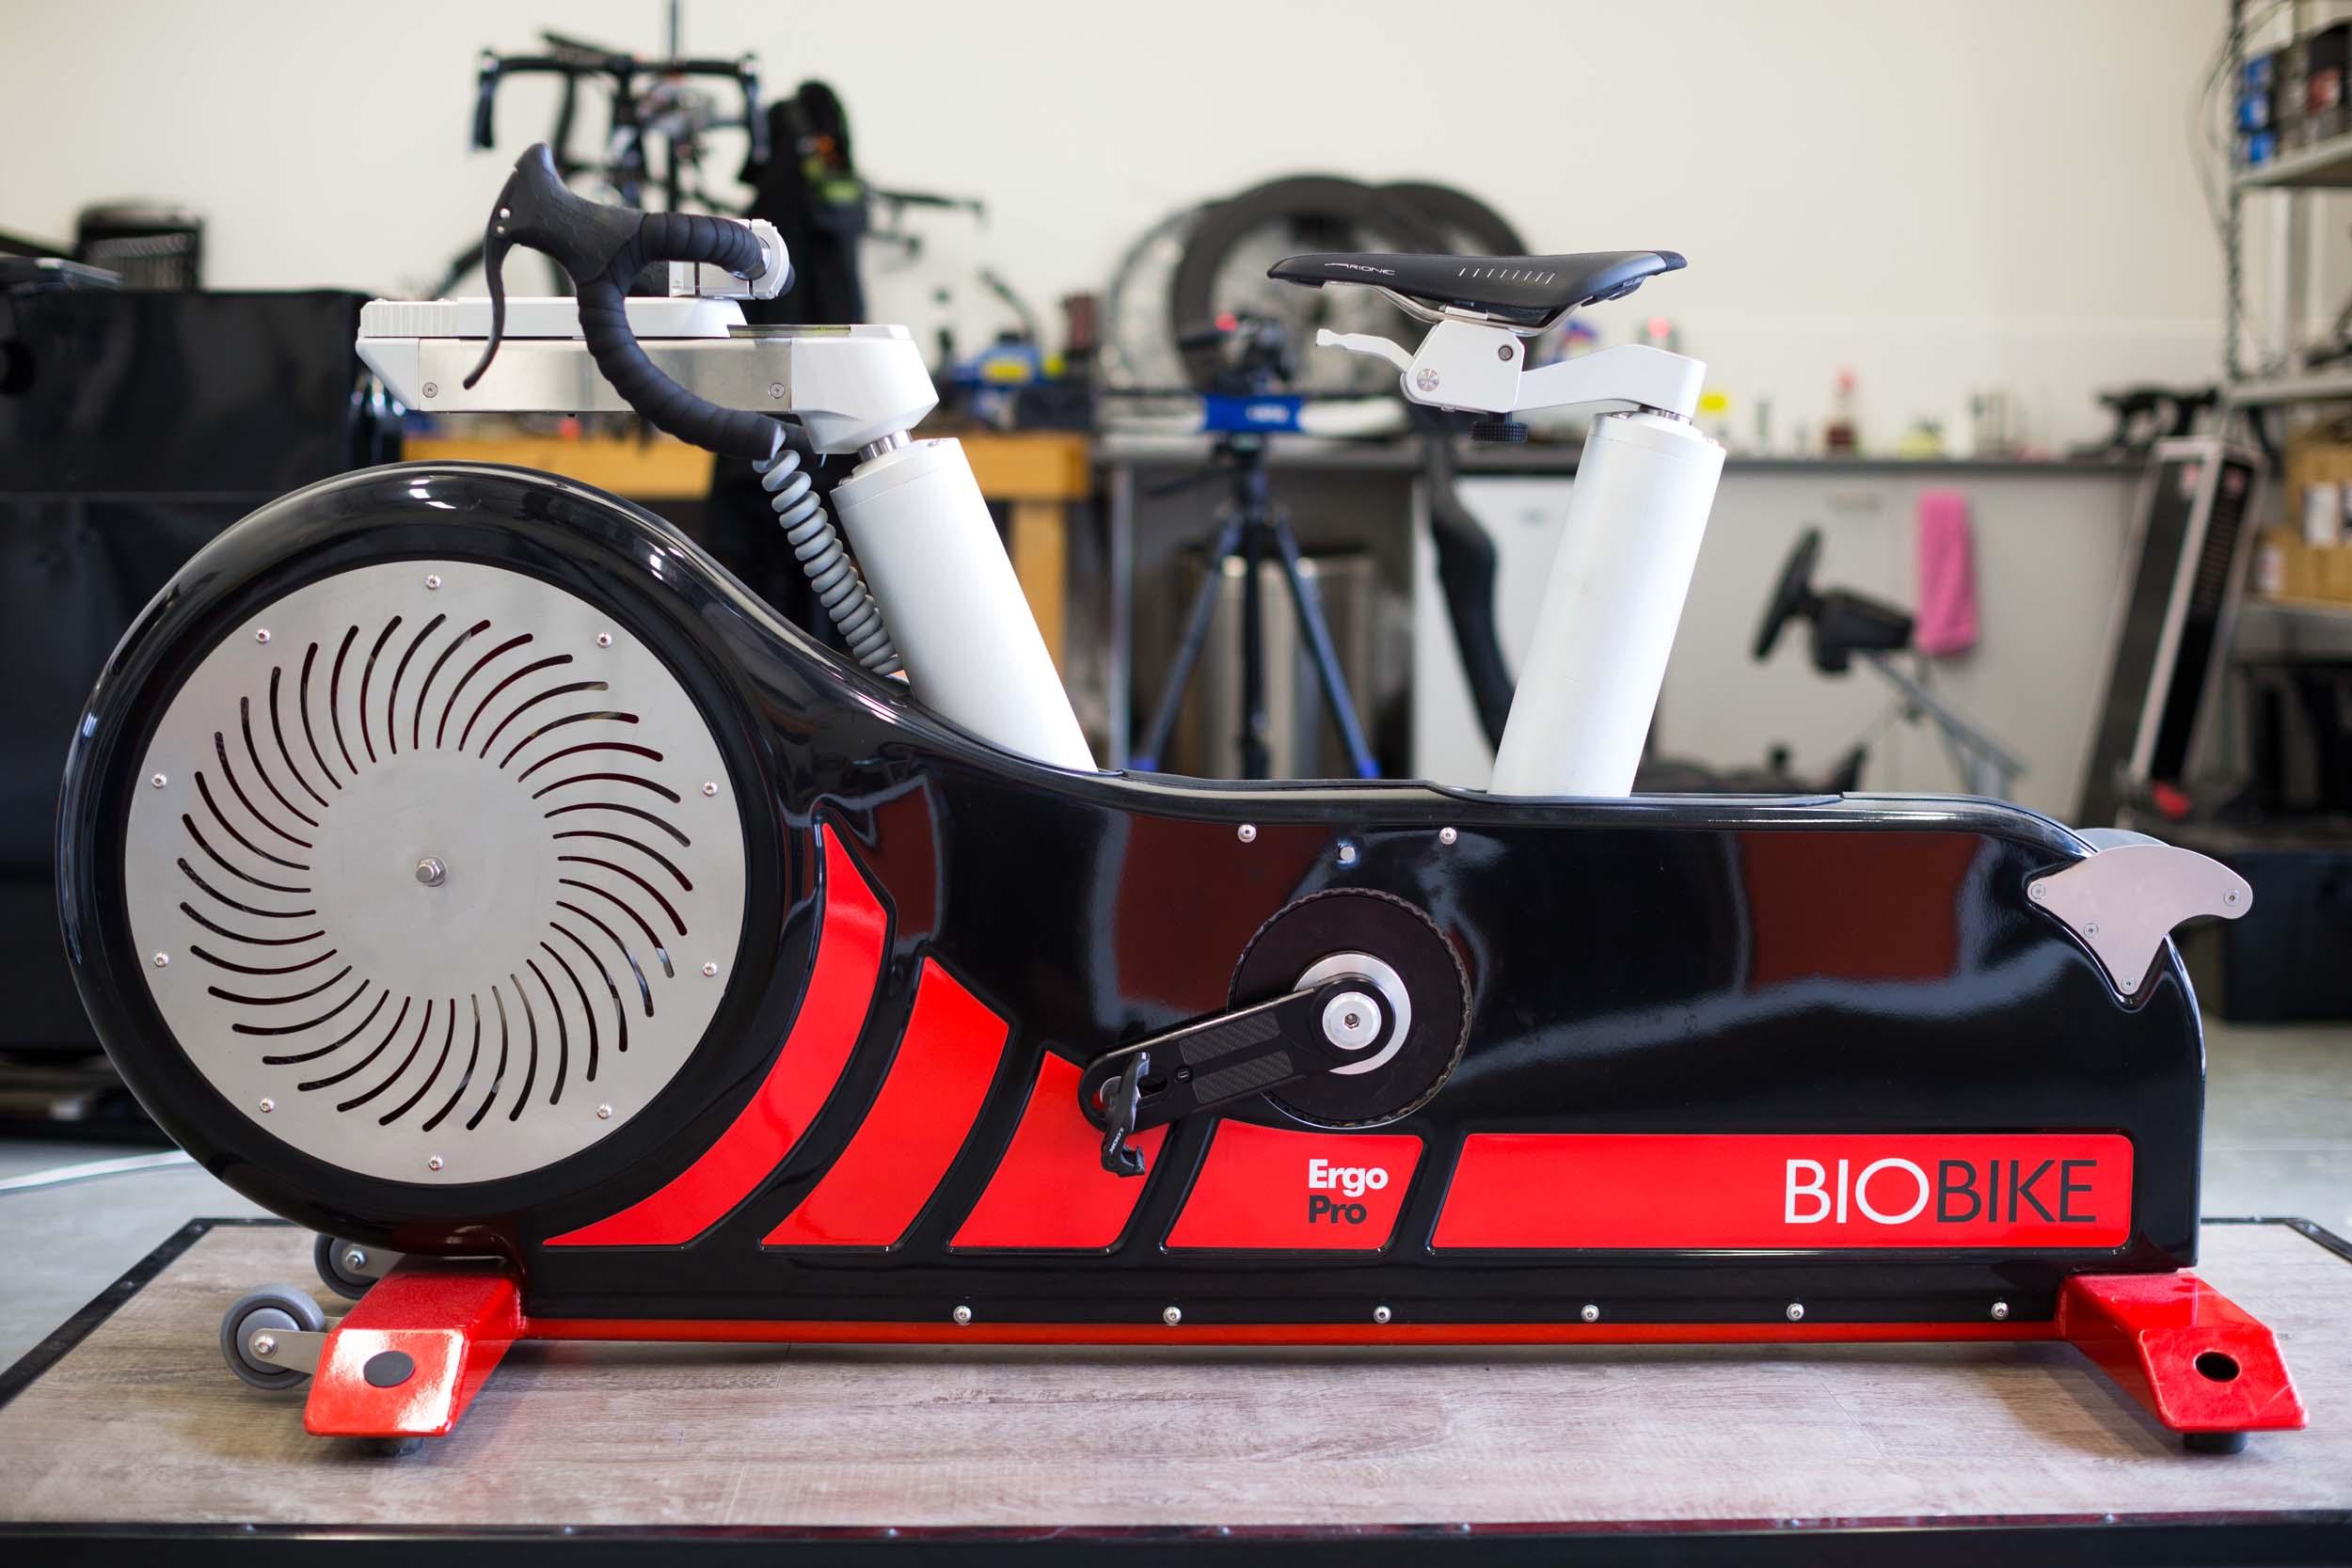 BioBike Bike Fitting Machine